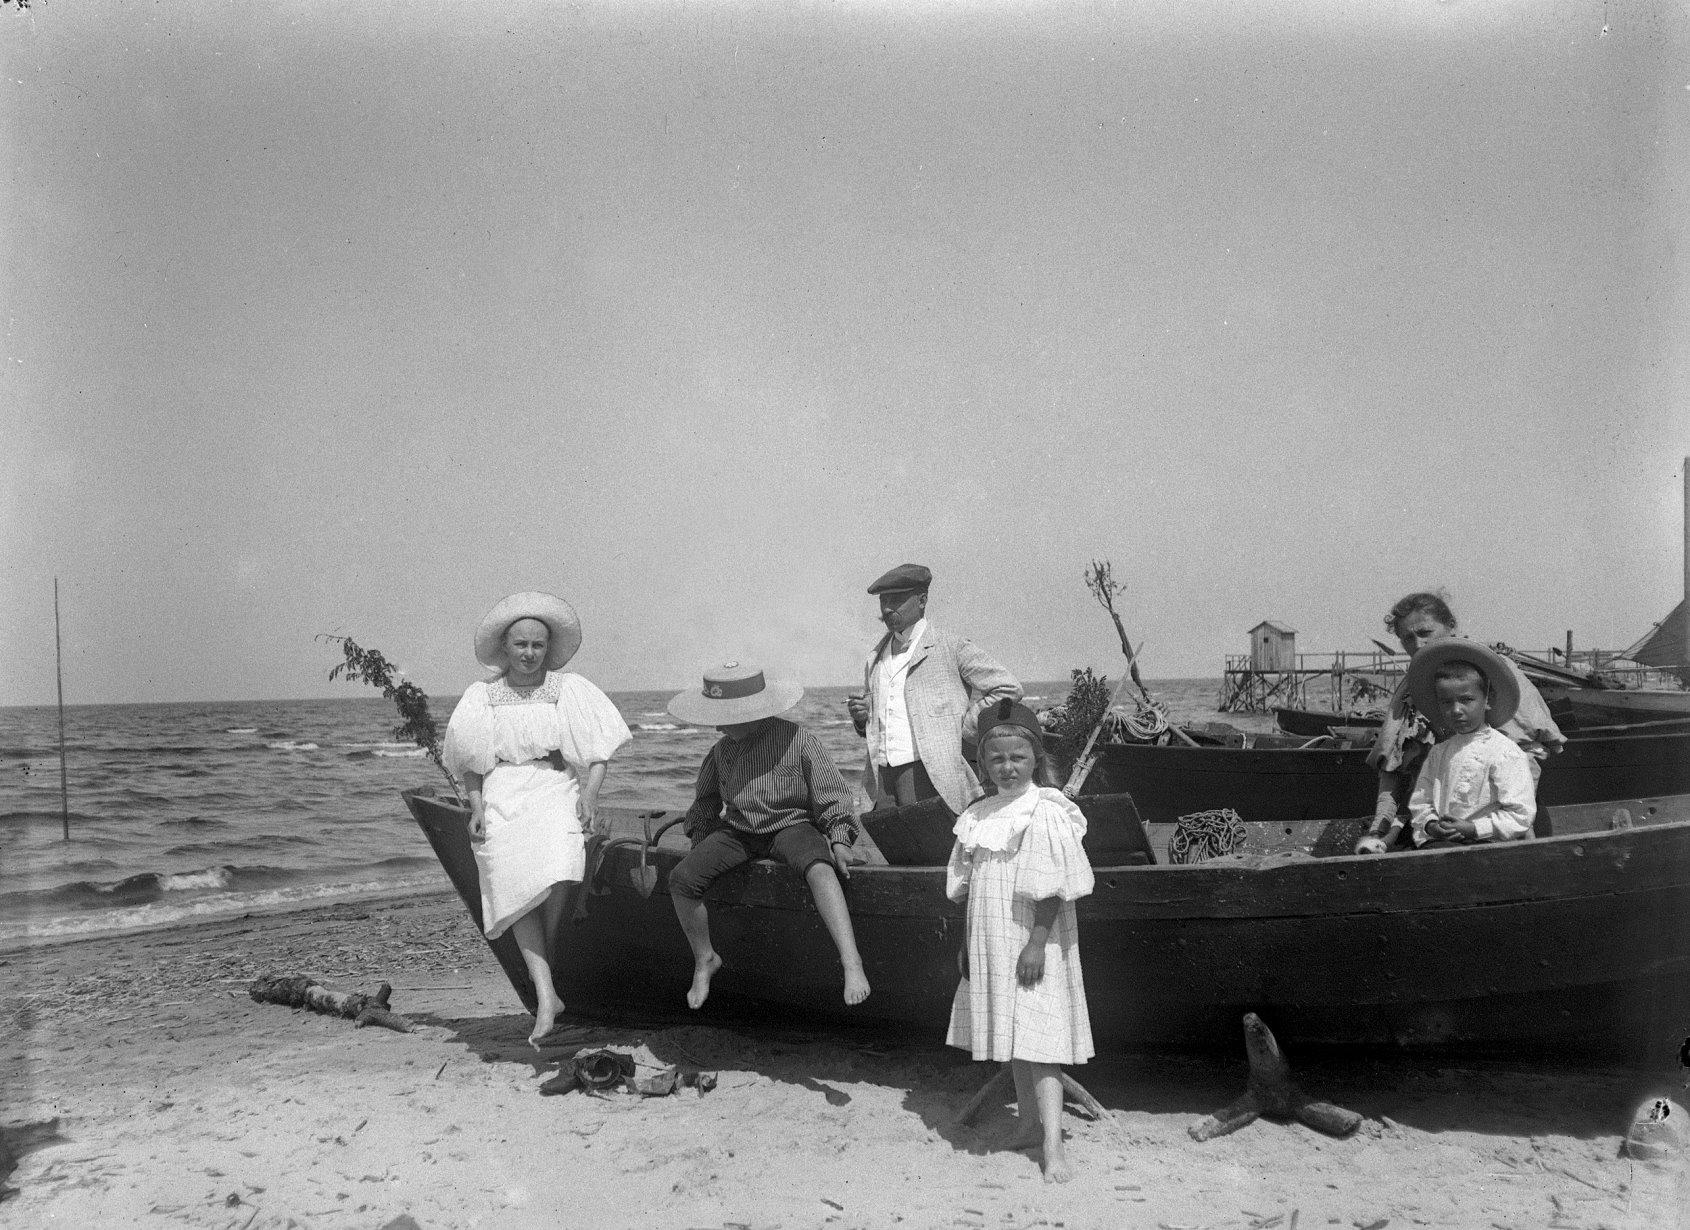 18. 1897. Эдинбургское побережье. Роман Живаго с детьми. Рижское взморье.